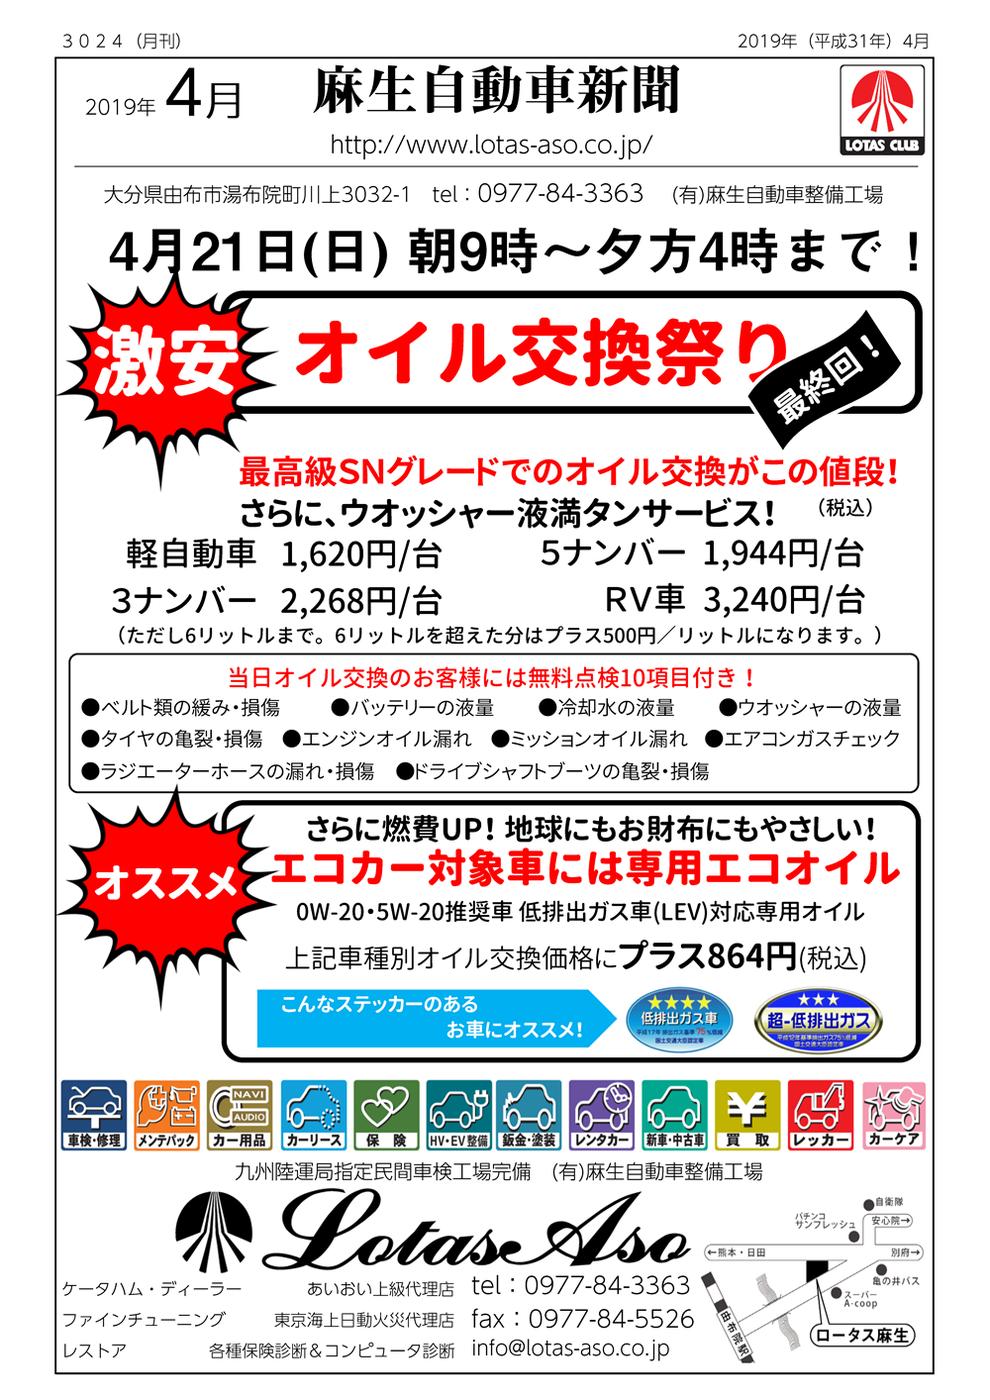 ロータス麻生のオイル交換祭り!2019年4月21日(日)開催